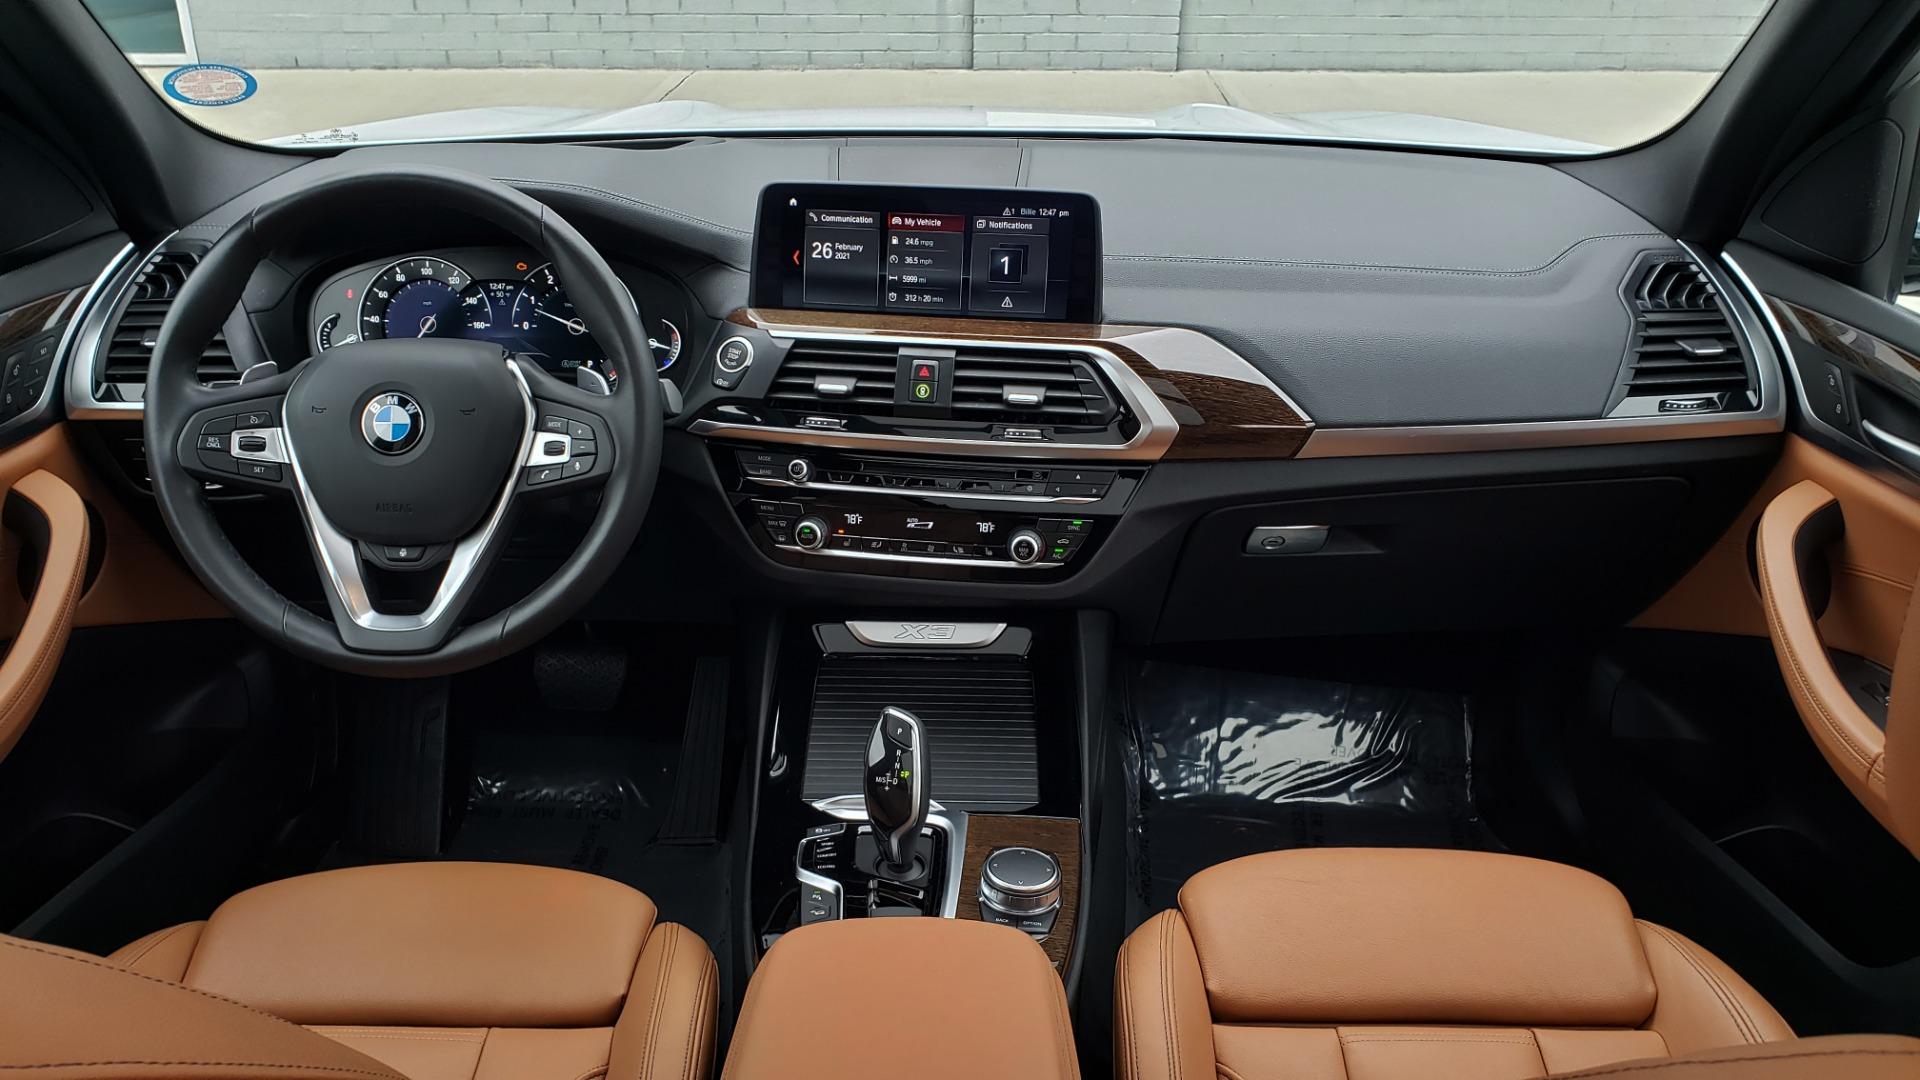 Used 2018 BMW X3 XDRIVE30I / LUX PKG / PREM PKG / CONV PKG / PDC / APPLE CARPLAY for sale Sold at Formula Imports in Charlotte NC 28227 85